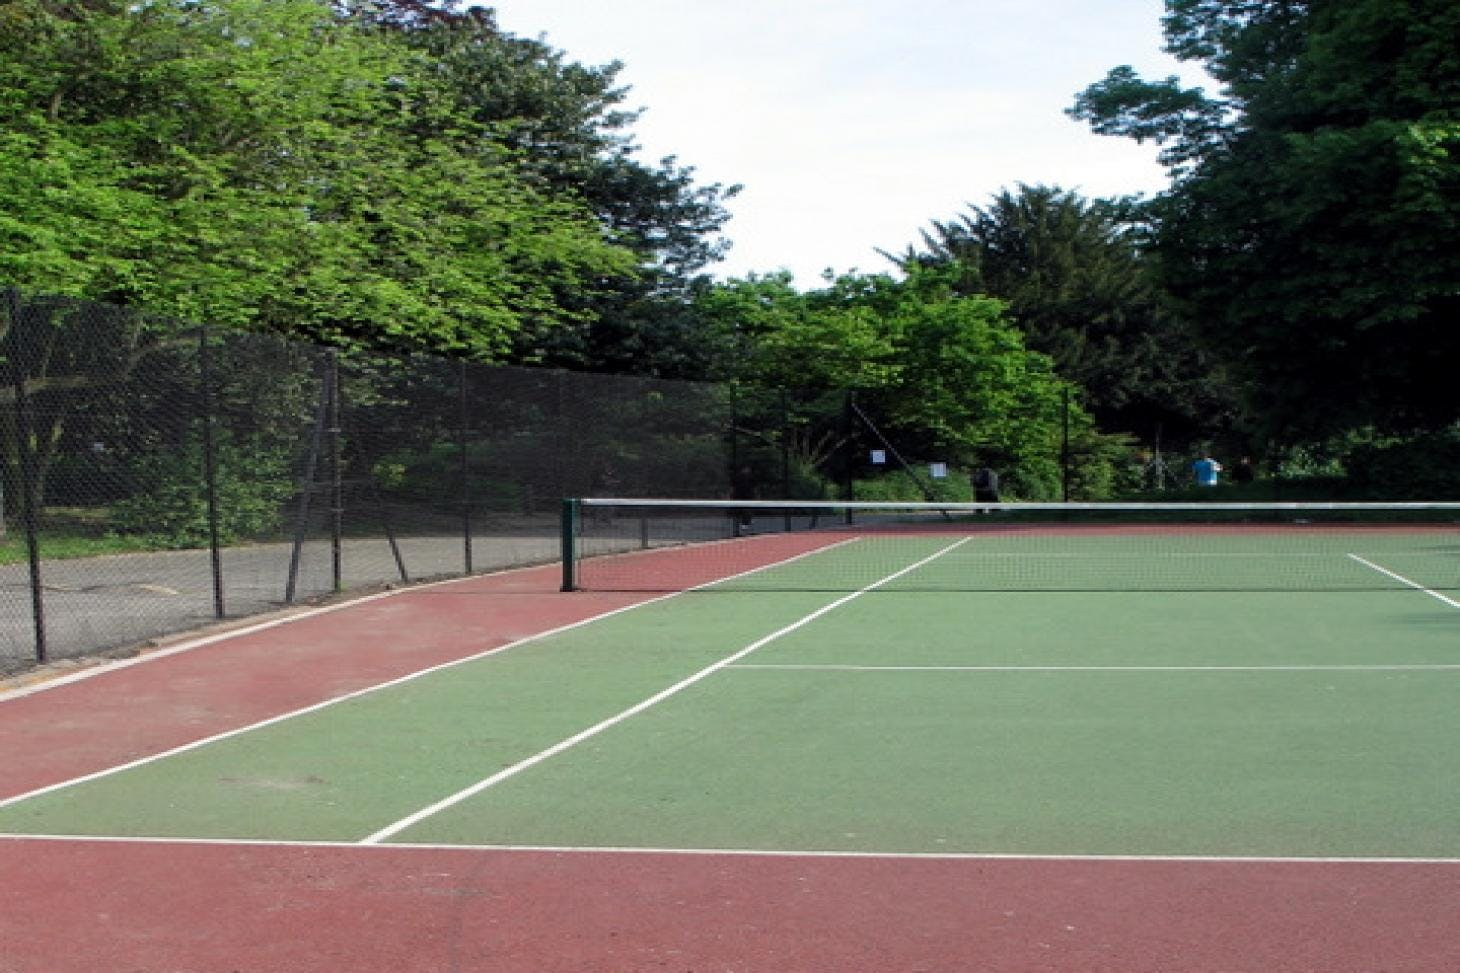 South Park (Redbridge) Outdoor | Hard (macadam) tennis court